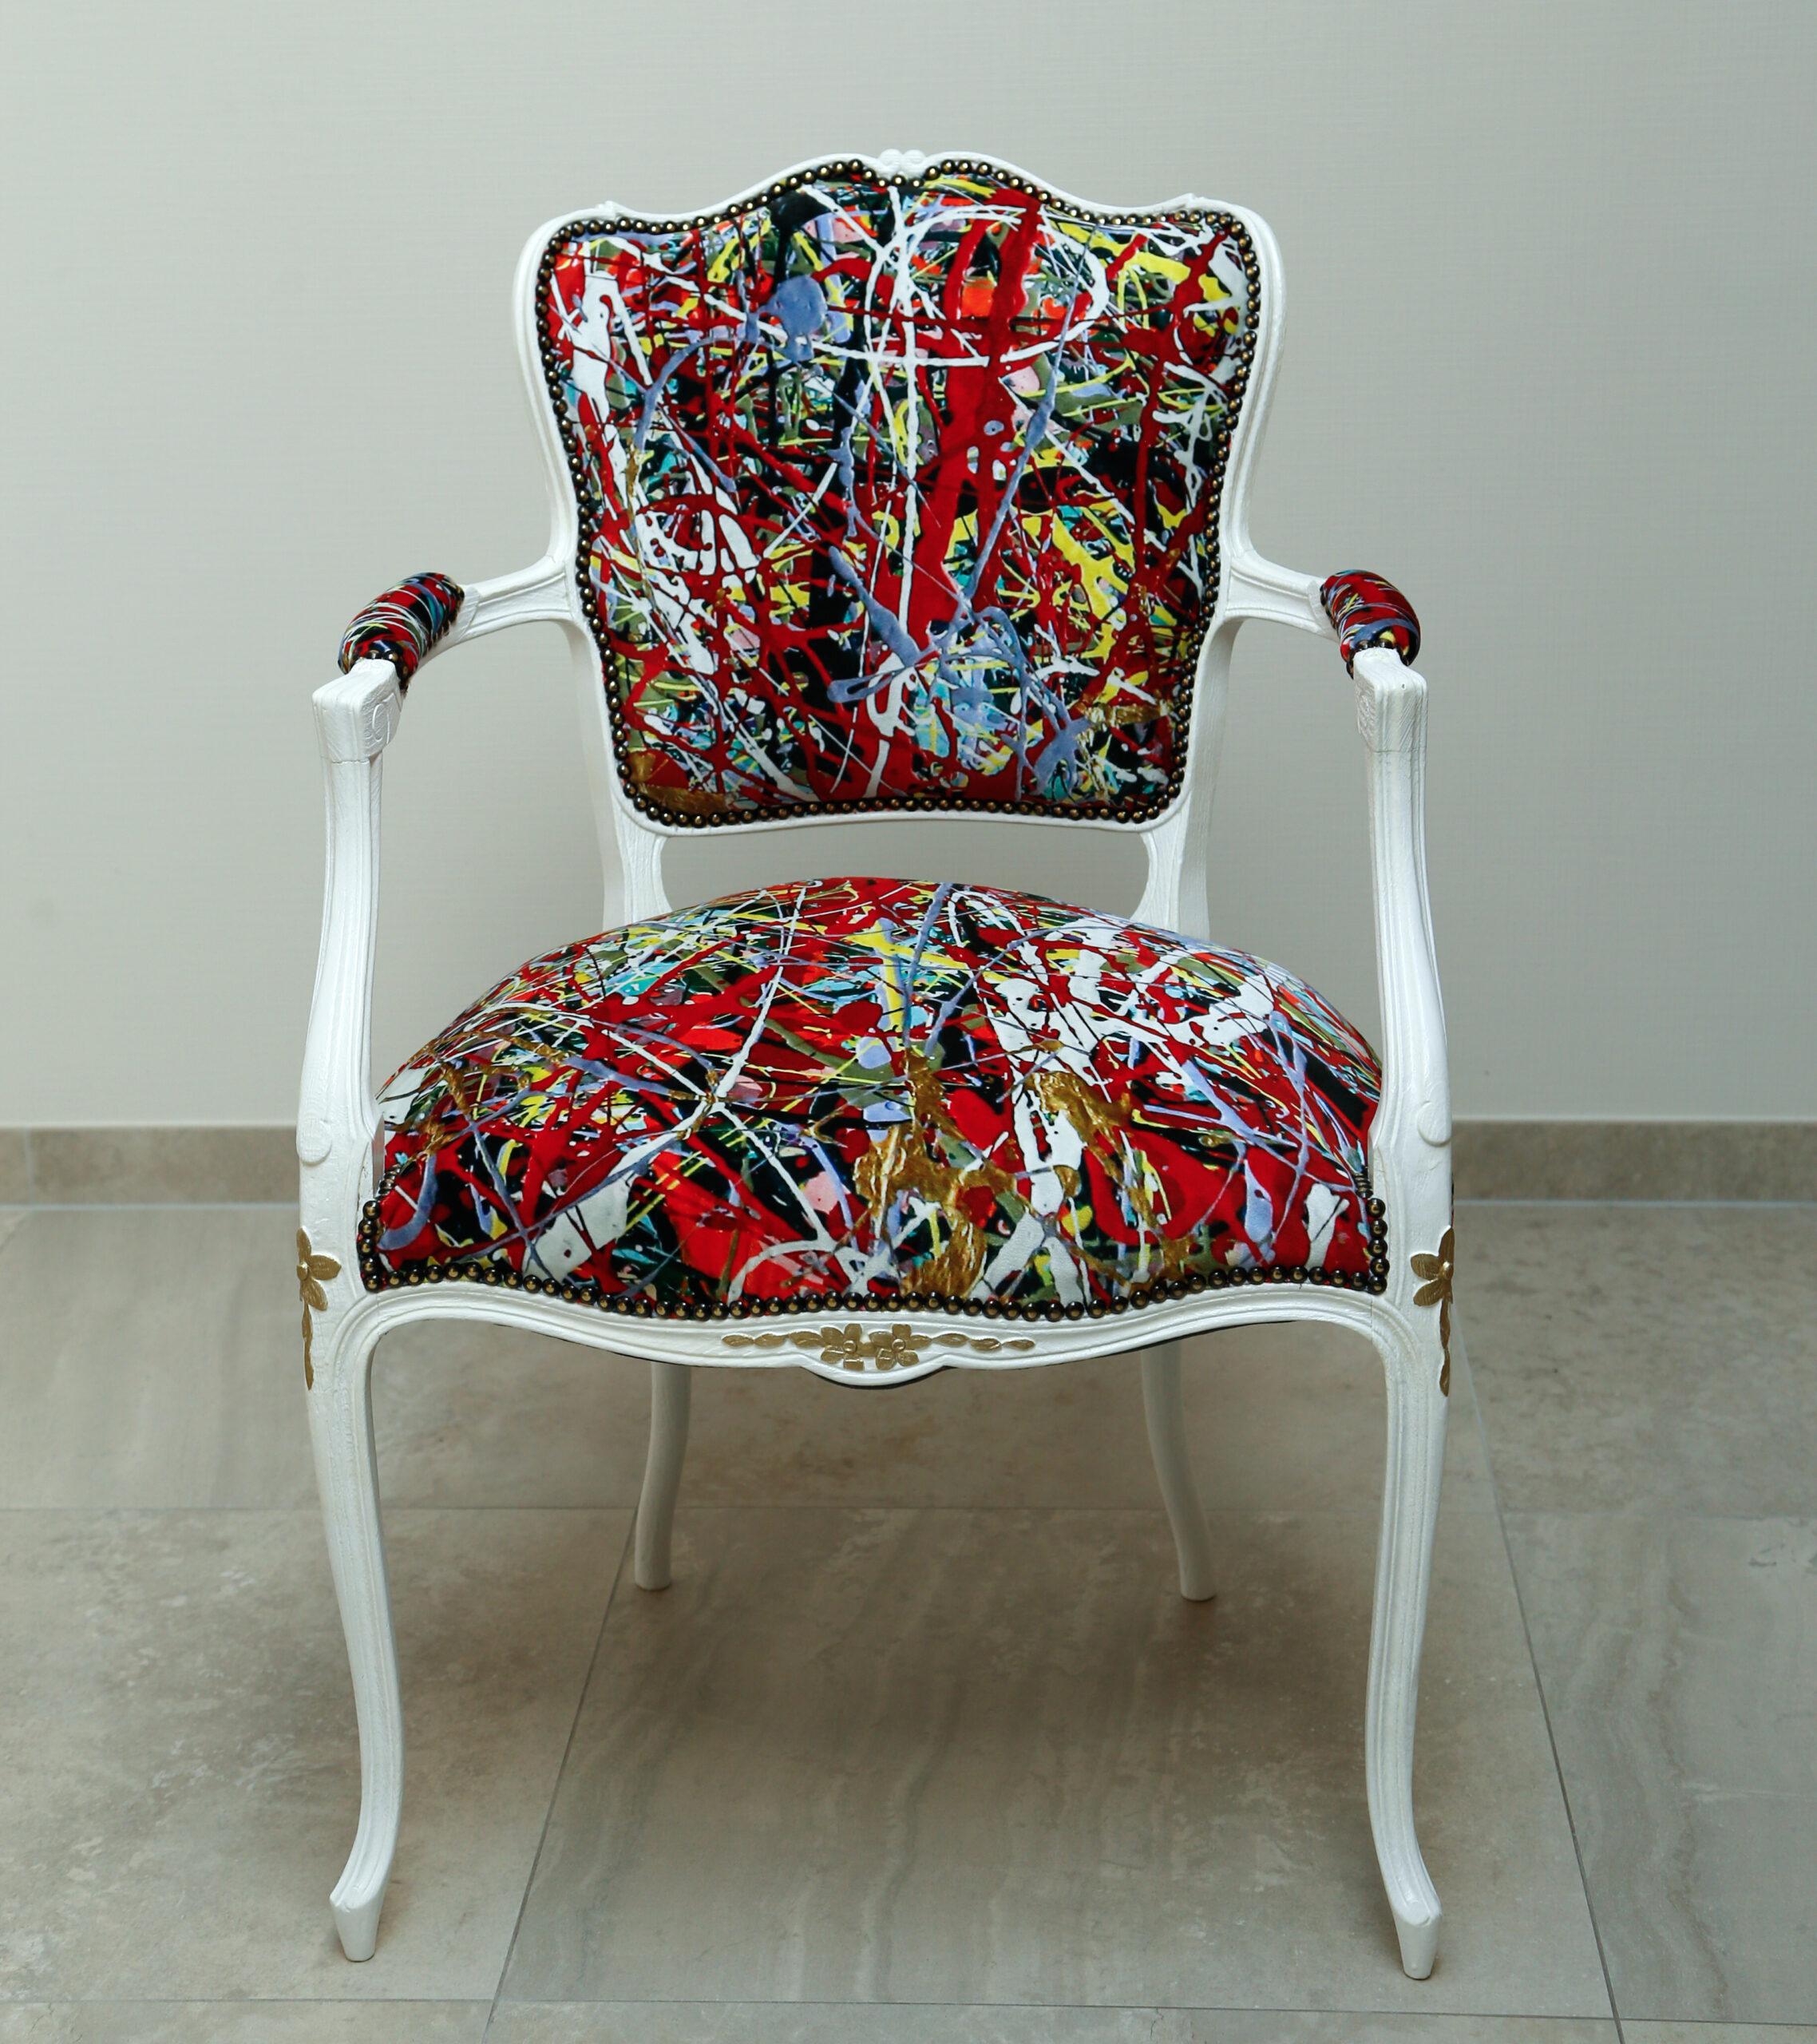 Art Chair 2